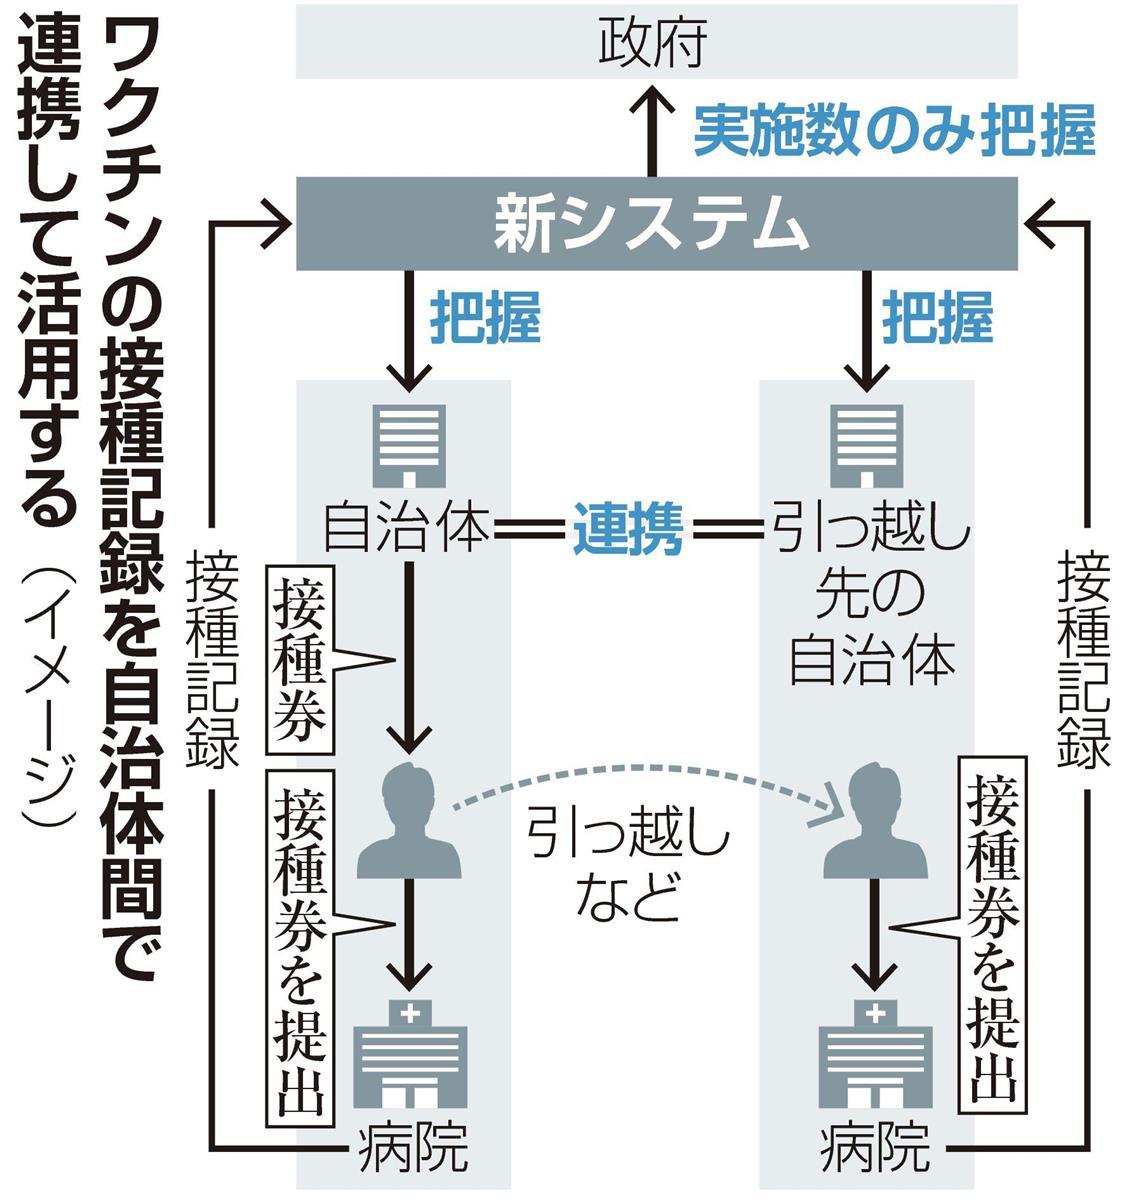 自治体間の情報連携システム構築へ ワクチン接種で政府